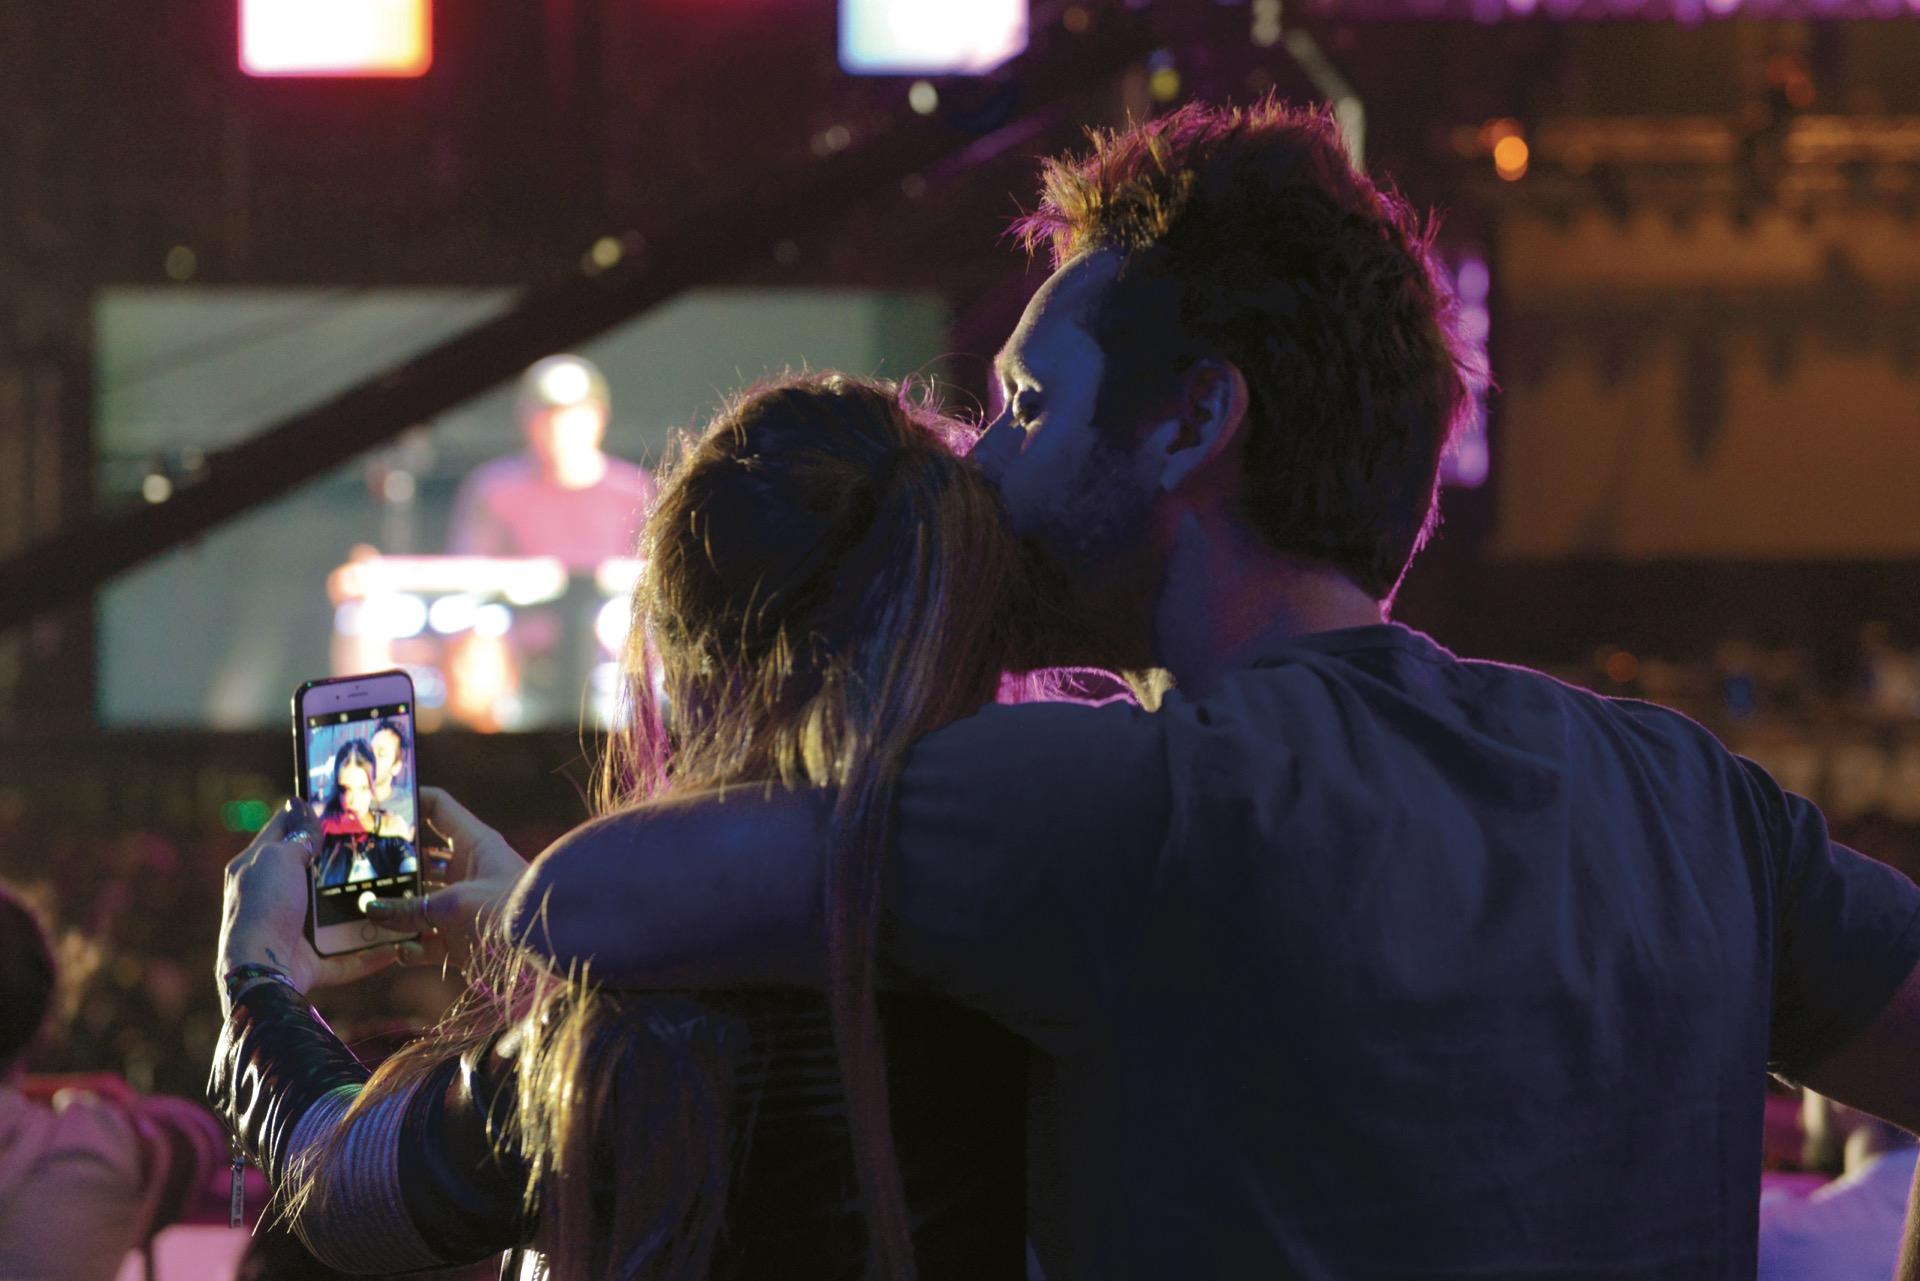 A los besos durante el show en el Club Ciudad. Fotos: Maximiliano Vernazza/GENTE